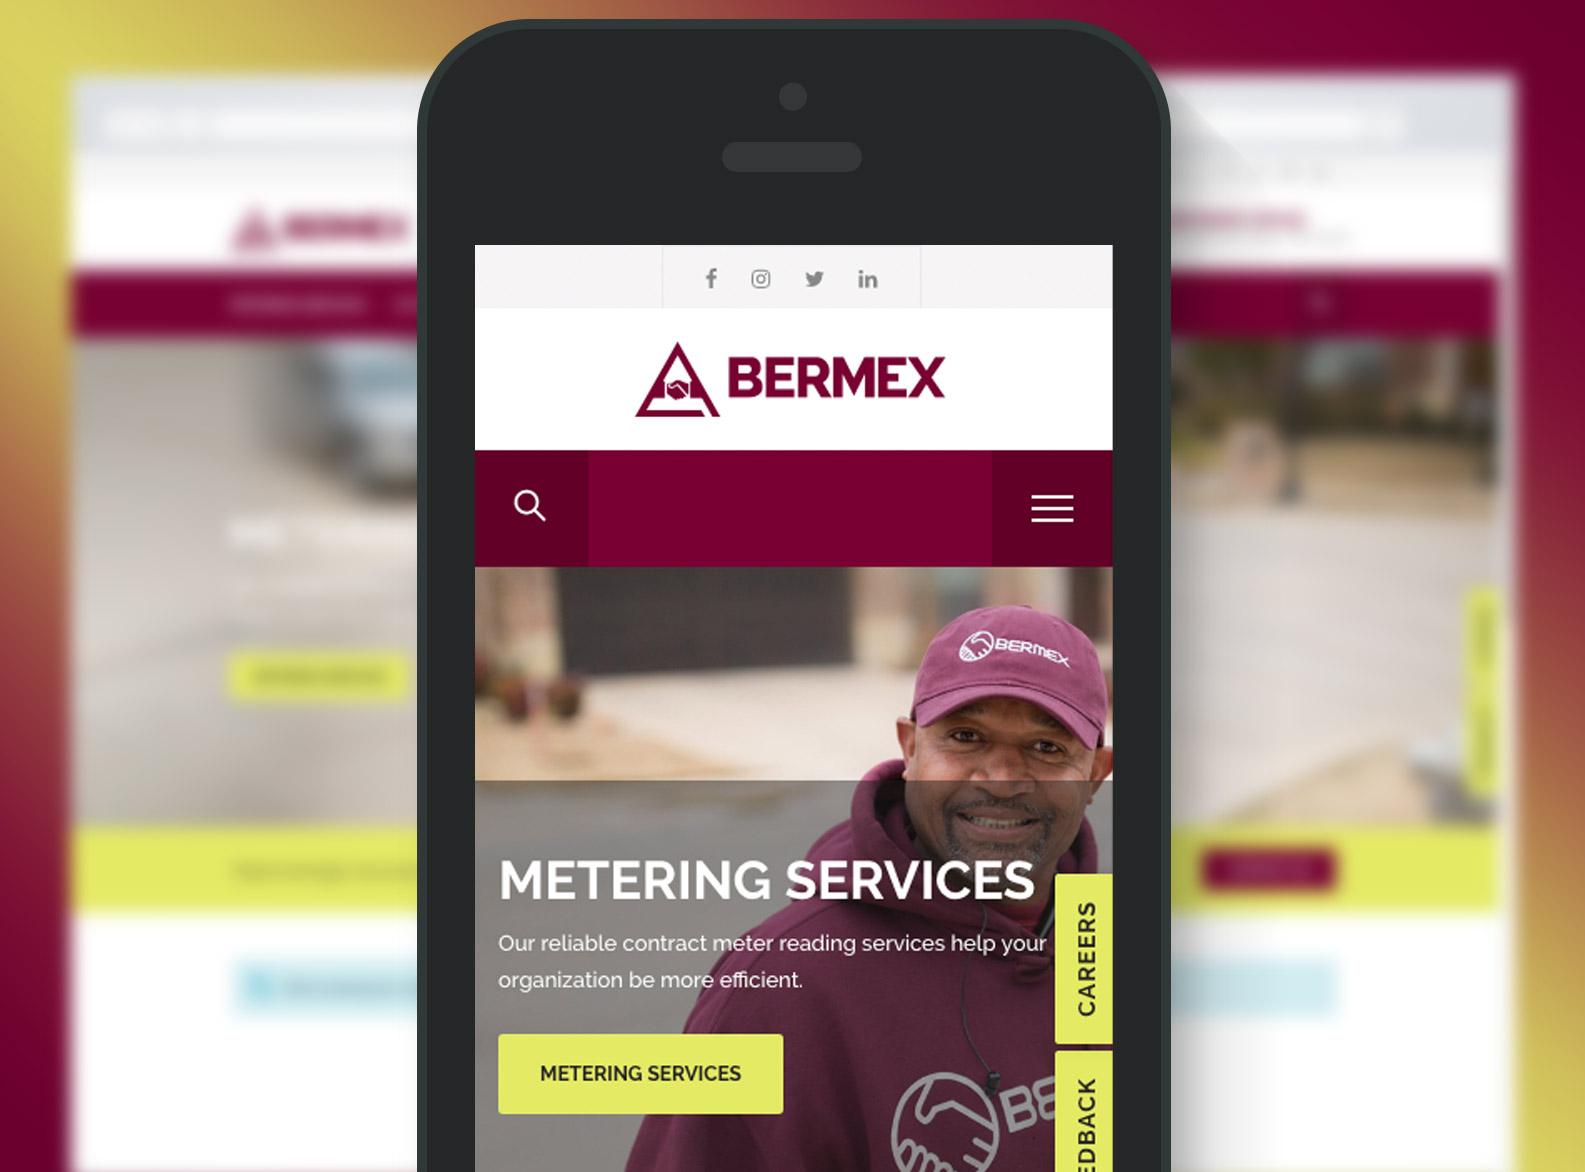 Bermex mobile